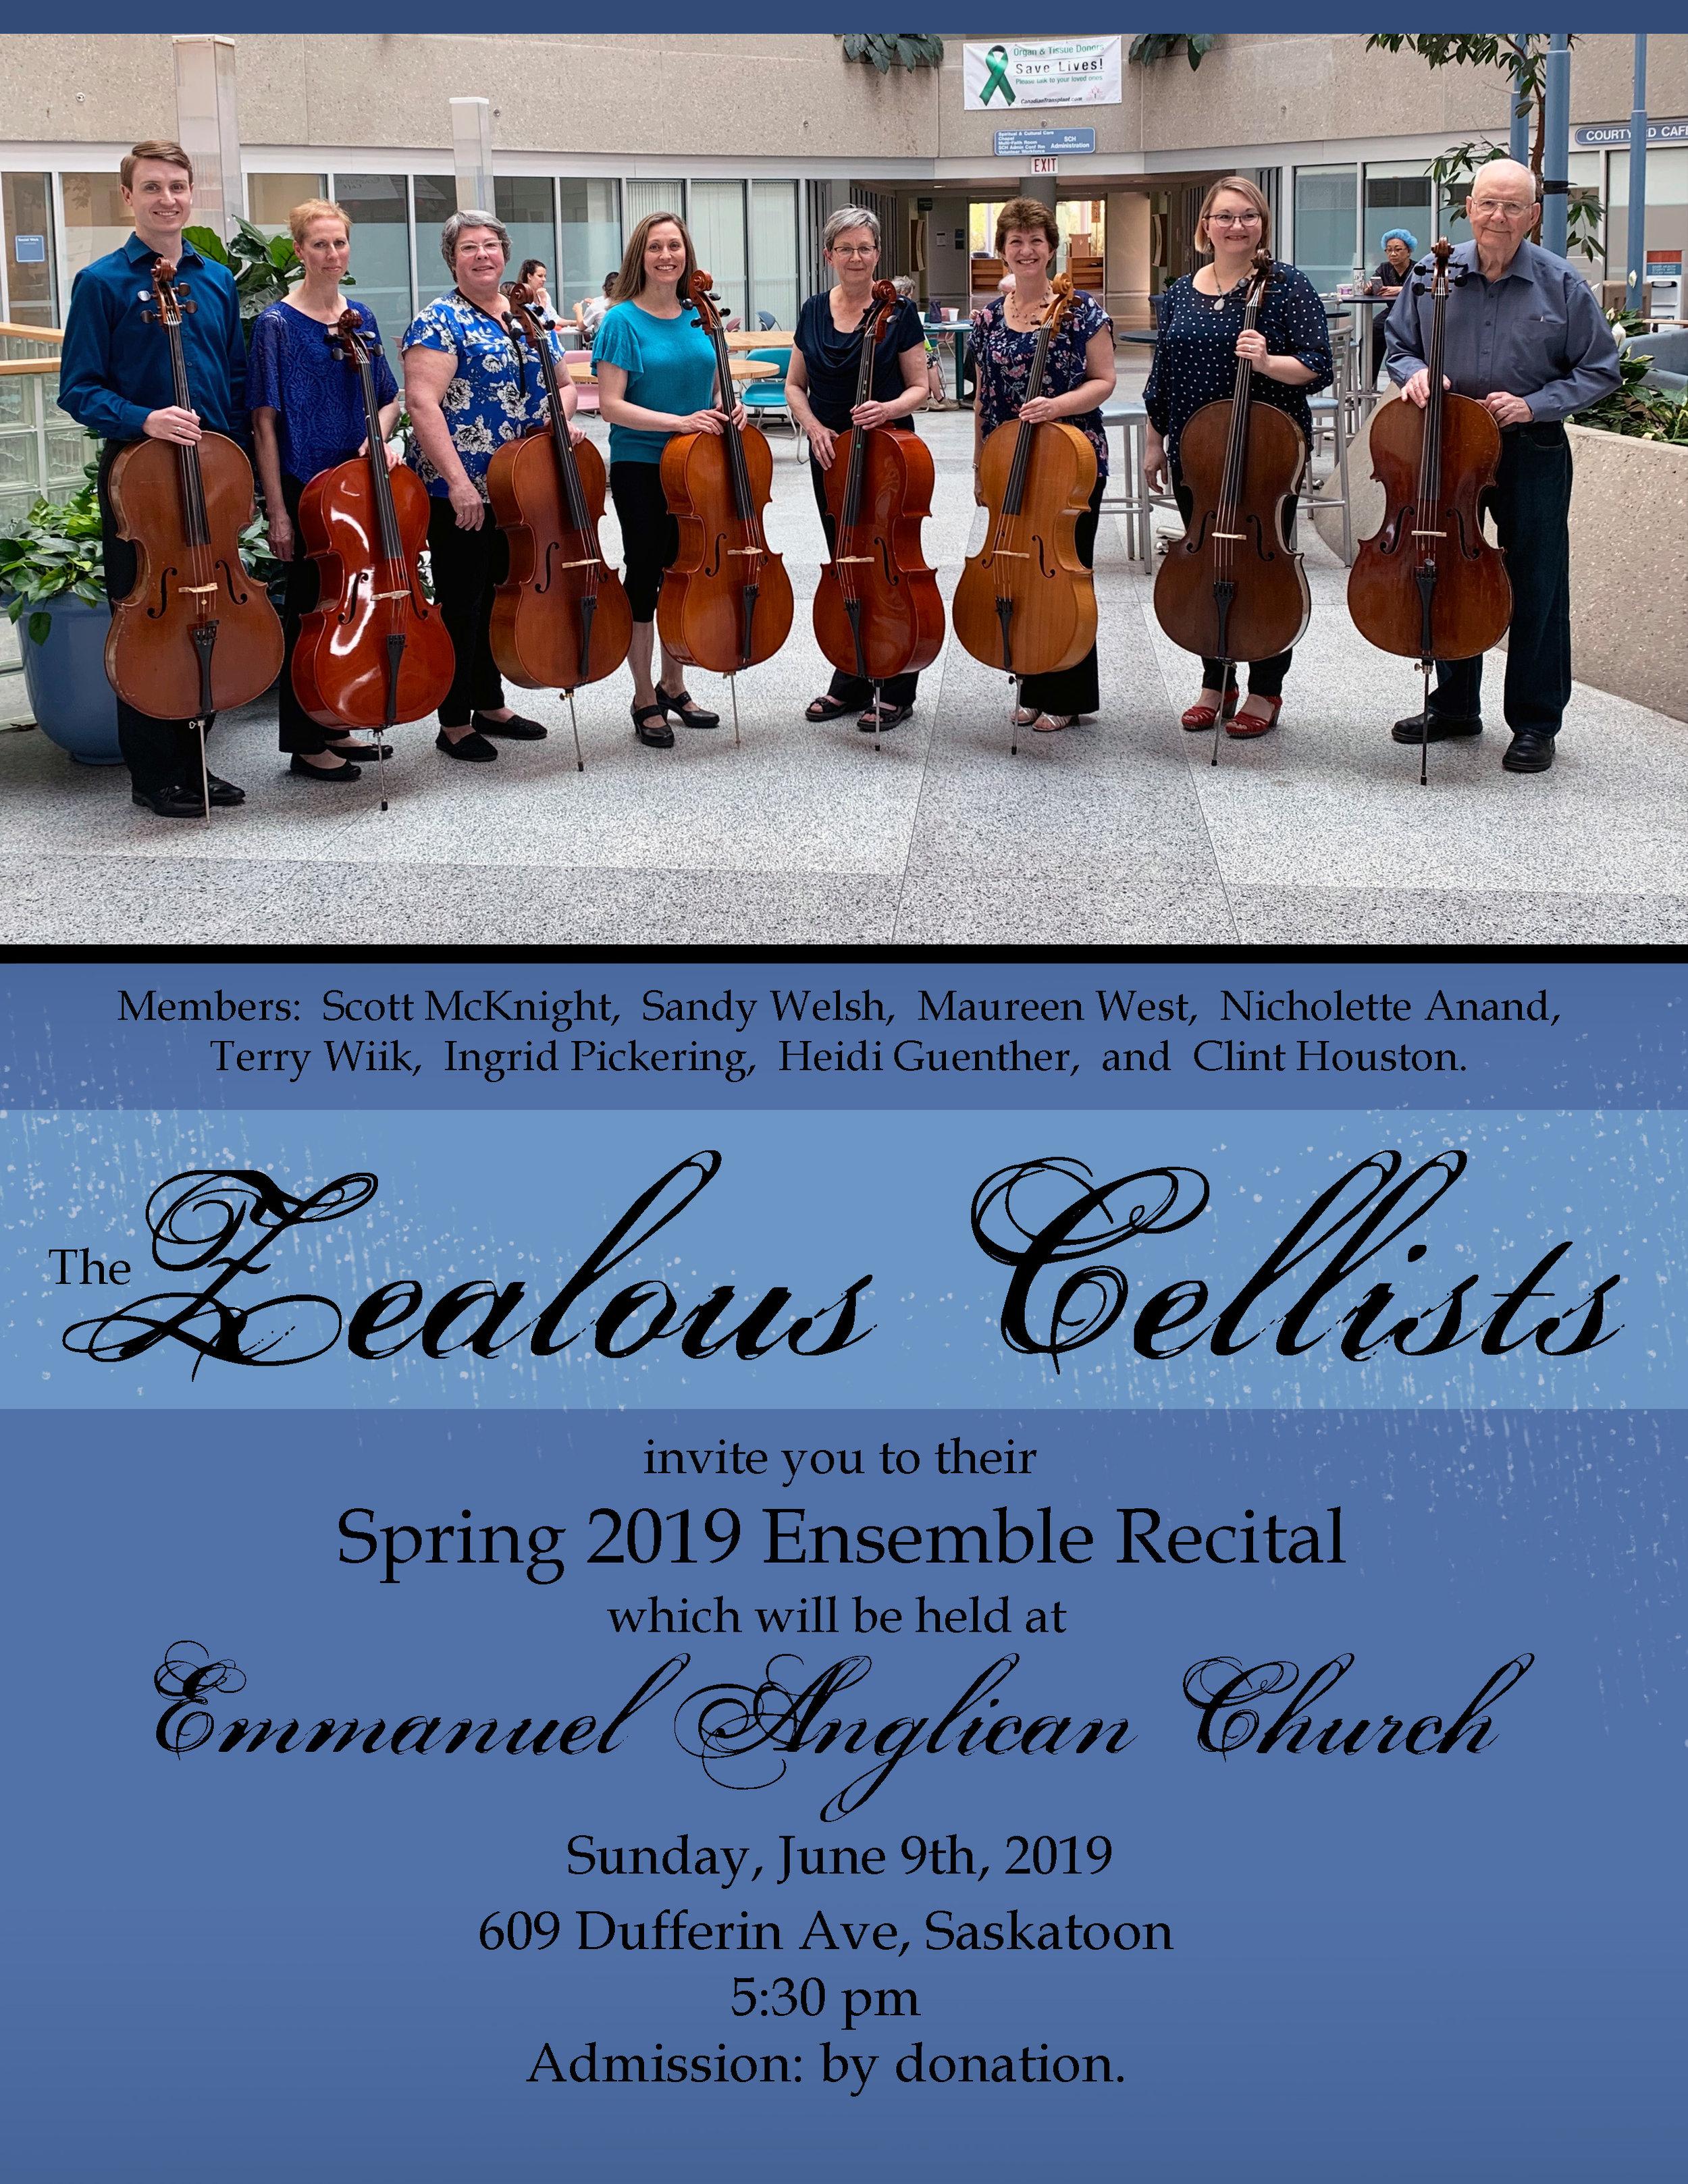 ZC spring recital invite 8x11.jpg